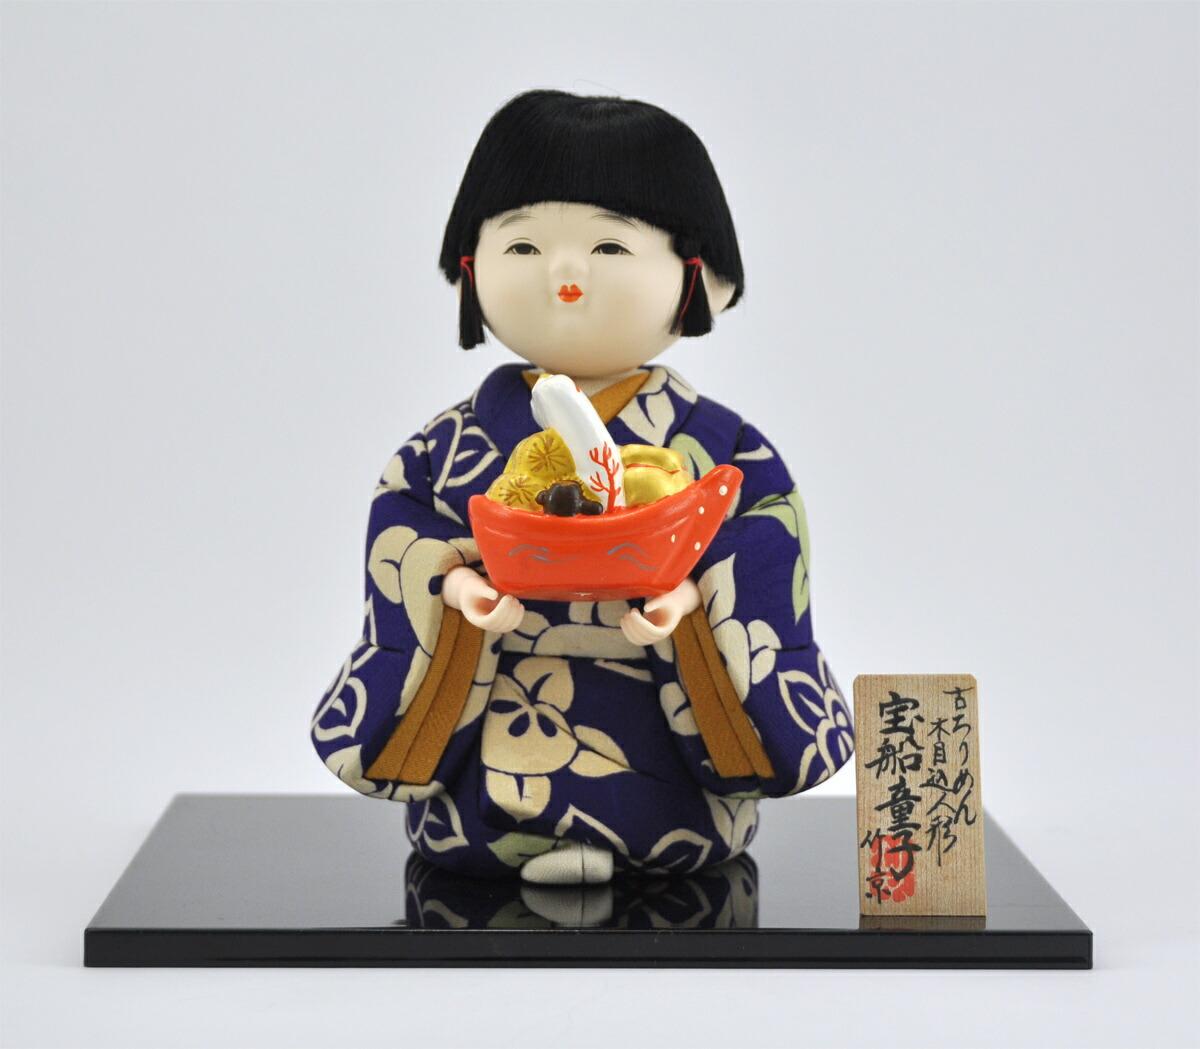 宝船童子・木目込み人形【京都くろちく】木目込人形